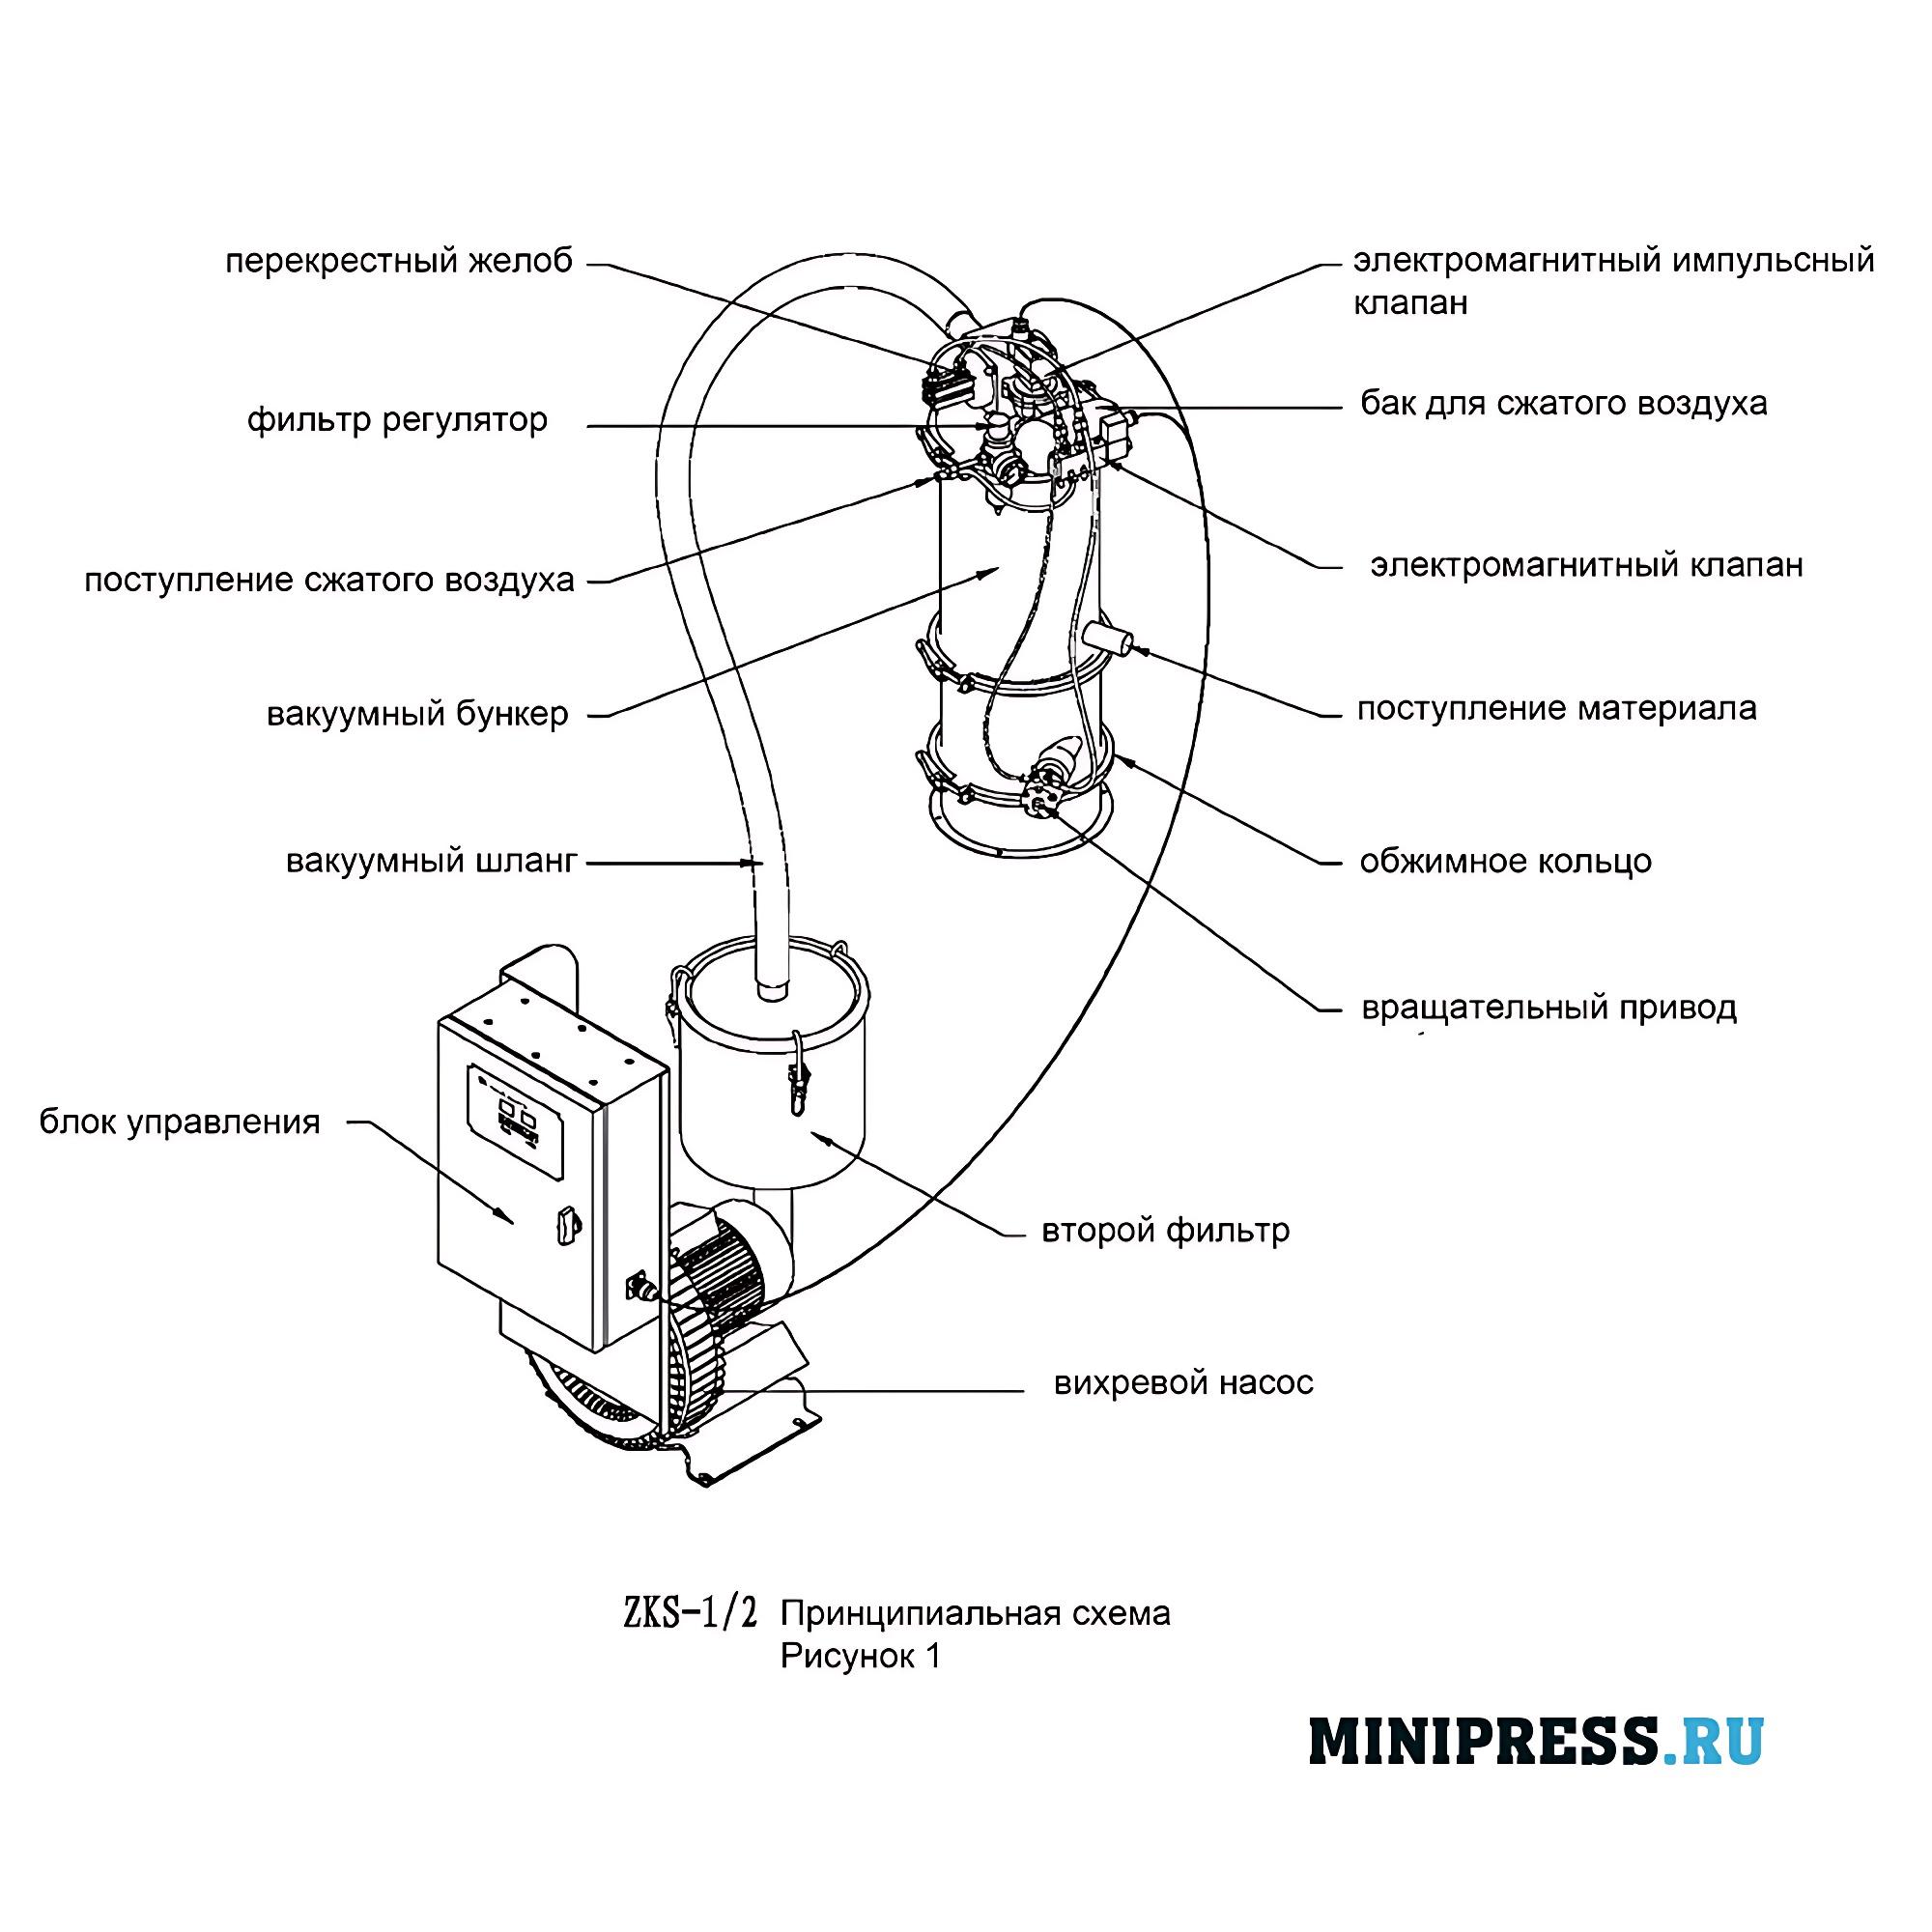 Оборудование для вакуумного перемещения сыпучие материалы и порошки